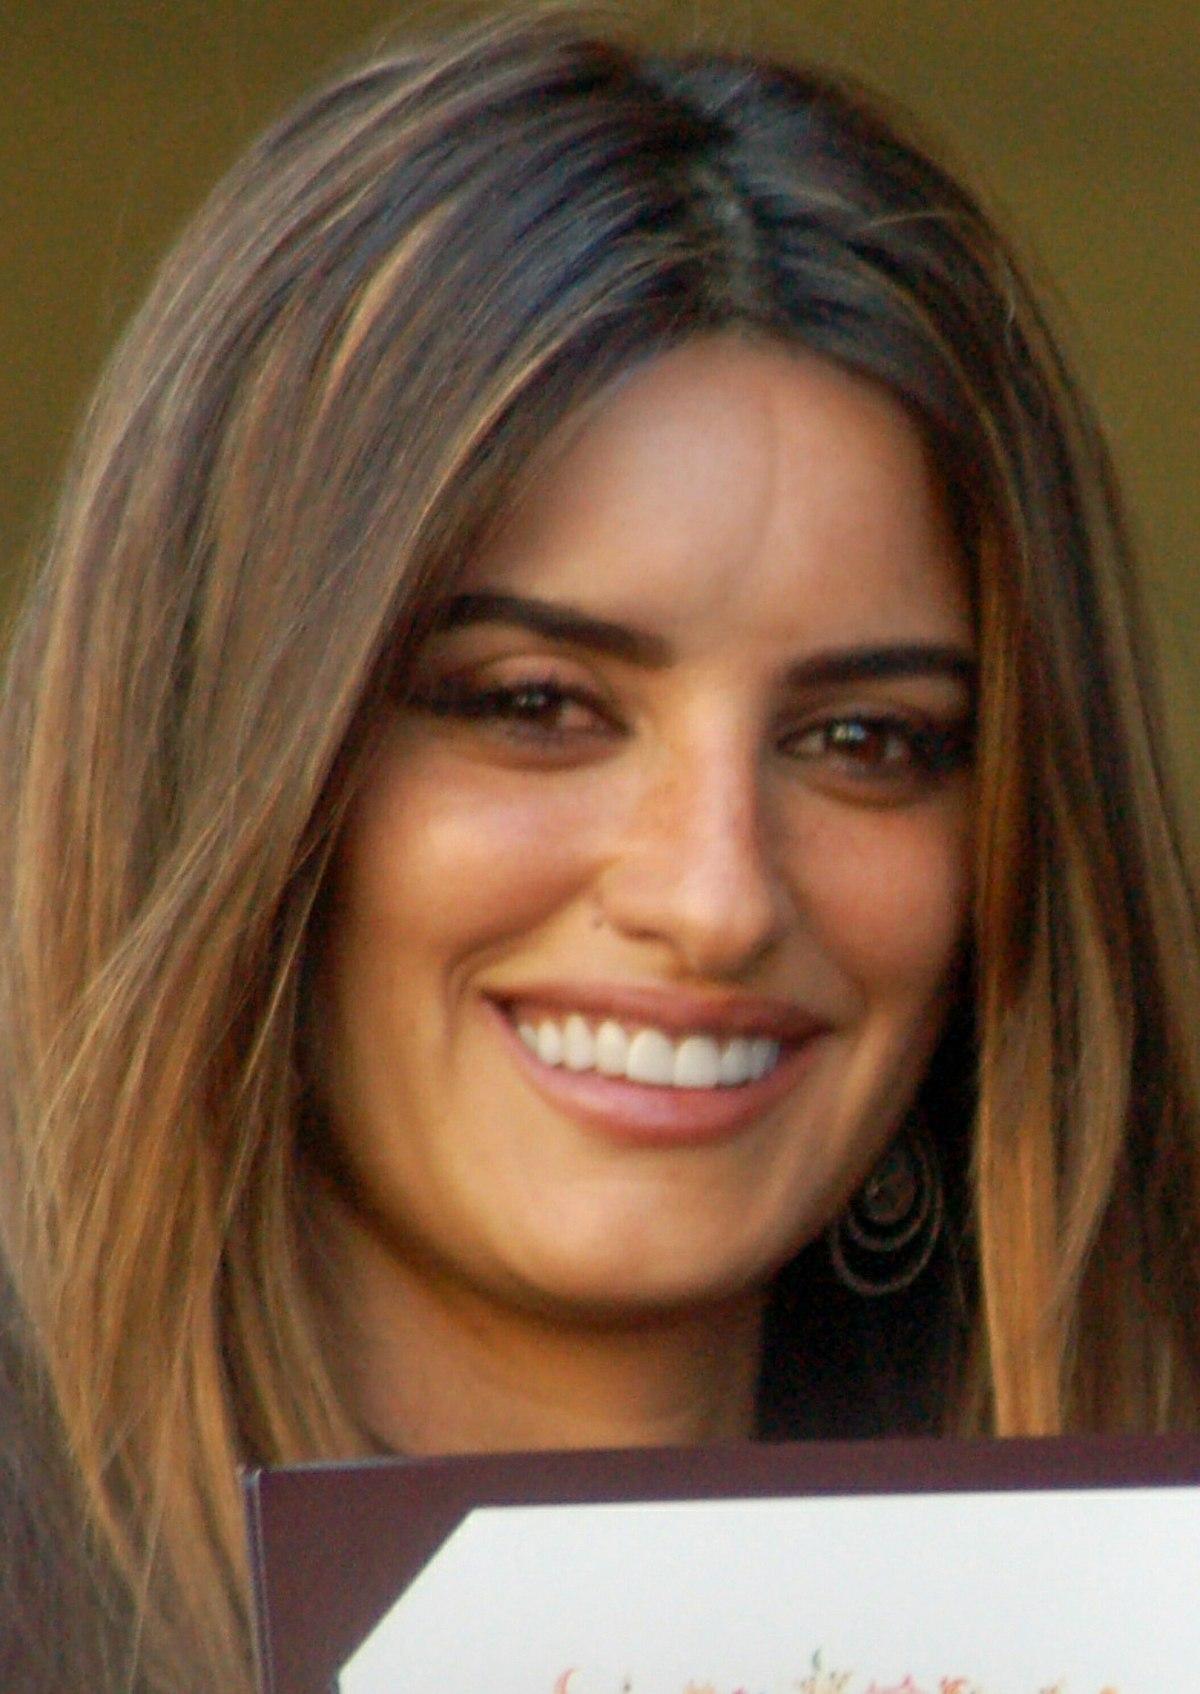 Nicole kidman in eyes wide shut 2000 - 5 1